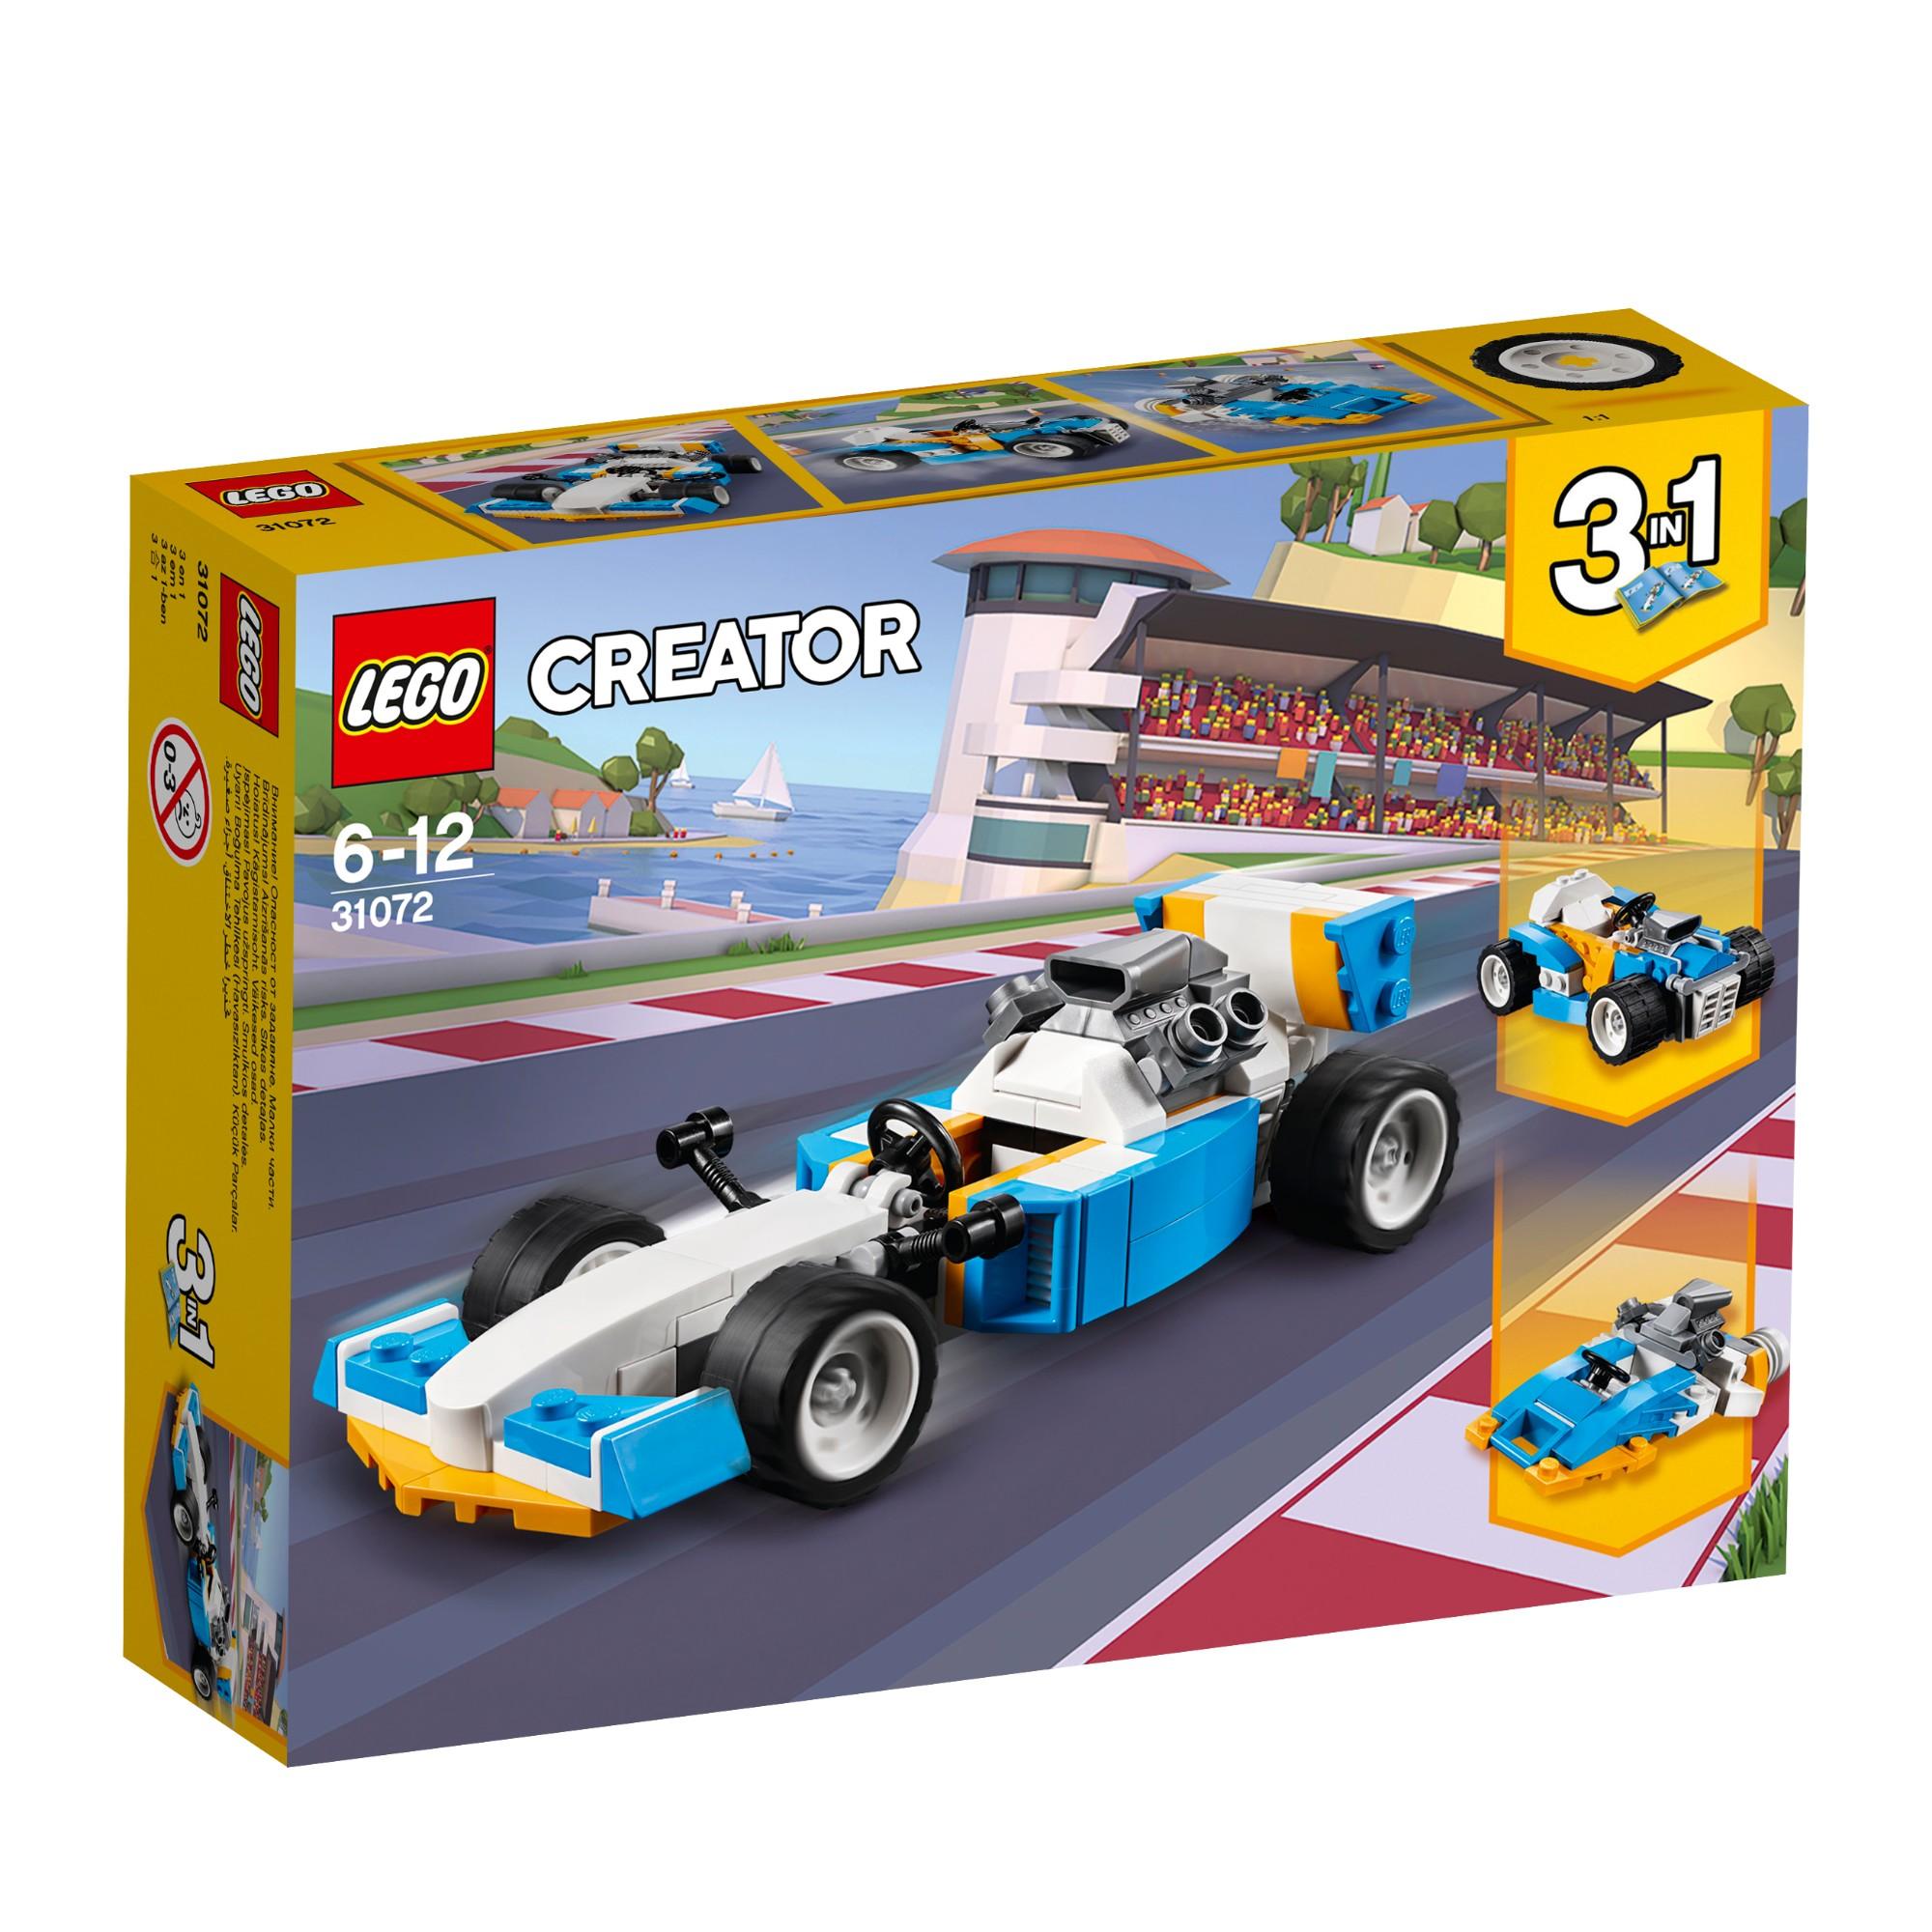 Konstruktorius LEGO CREATOR Galingiausi varikliai 6-12 metų vaikams (31072)